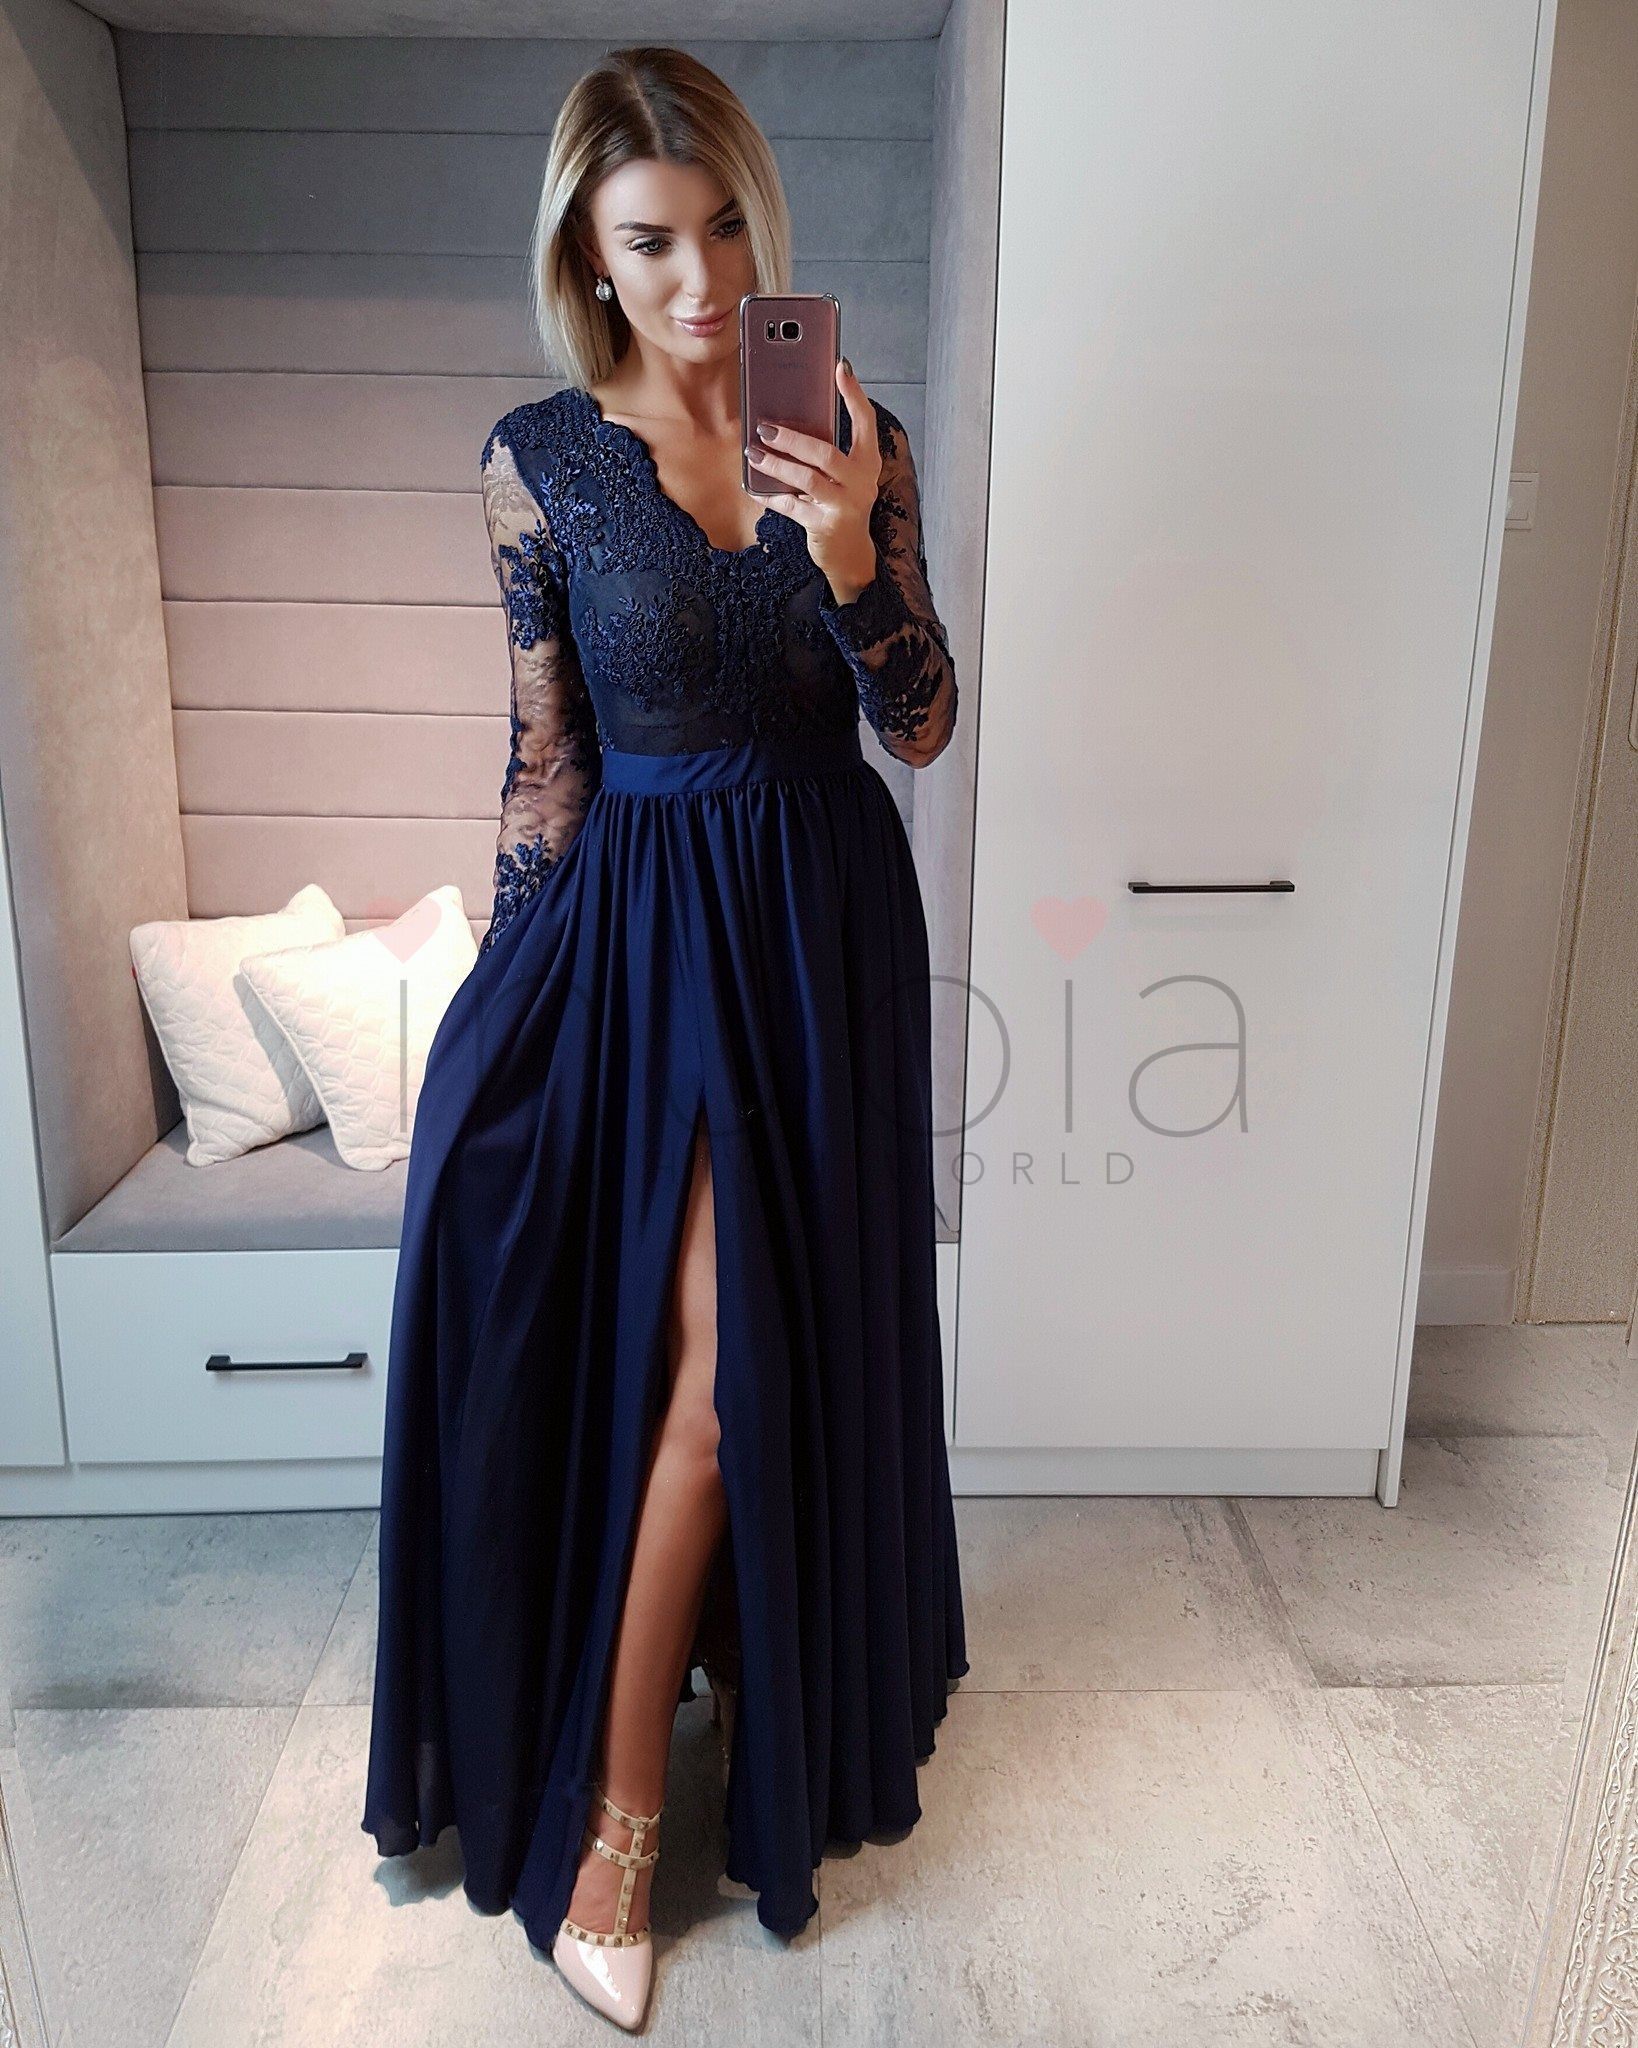 e0ffbad931 Luna - Sukienka koronkowa długa Granatowa inubia.pl - Modna odzież damska